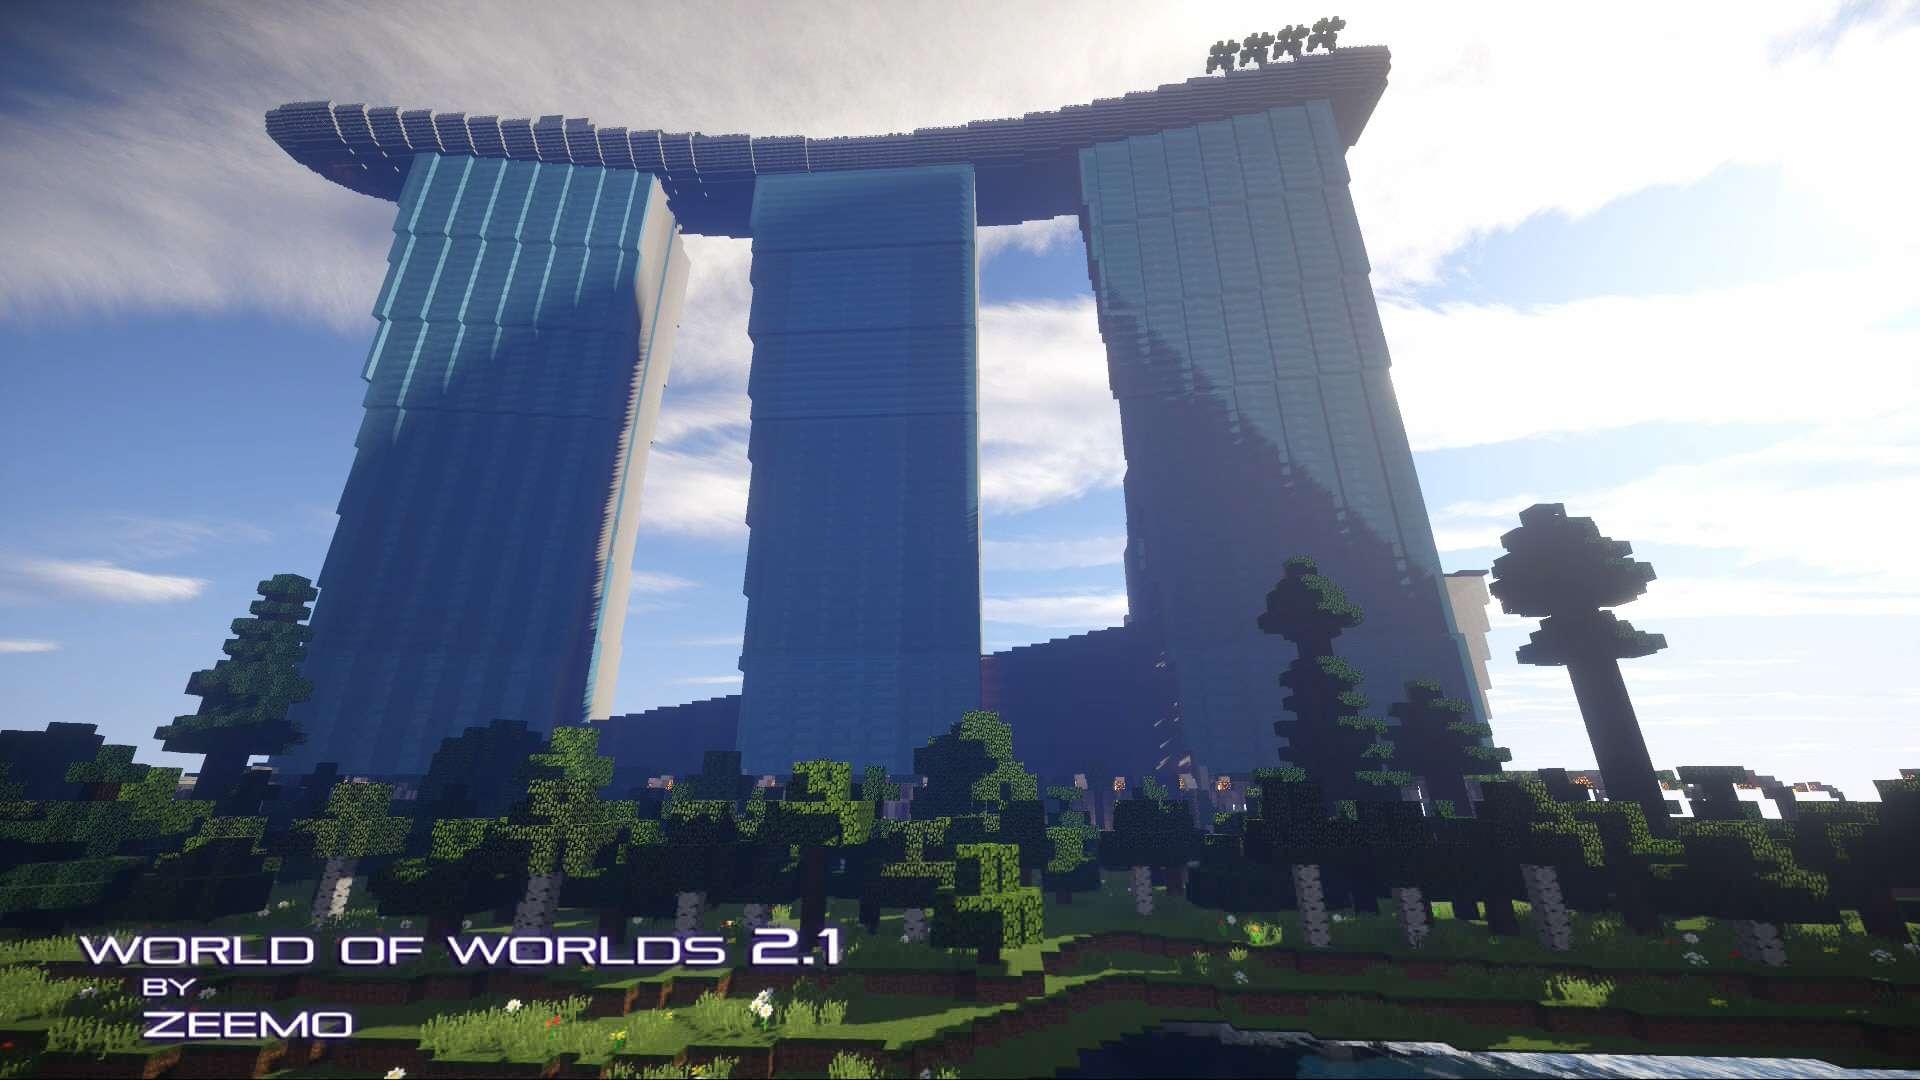 World of Worlds 2.1 update 6